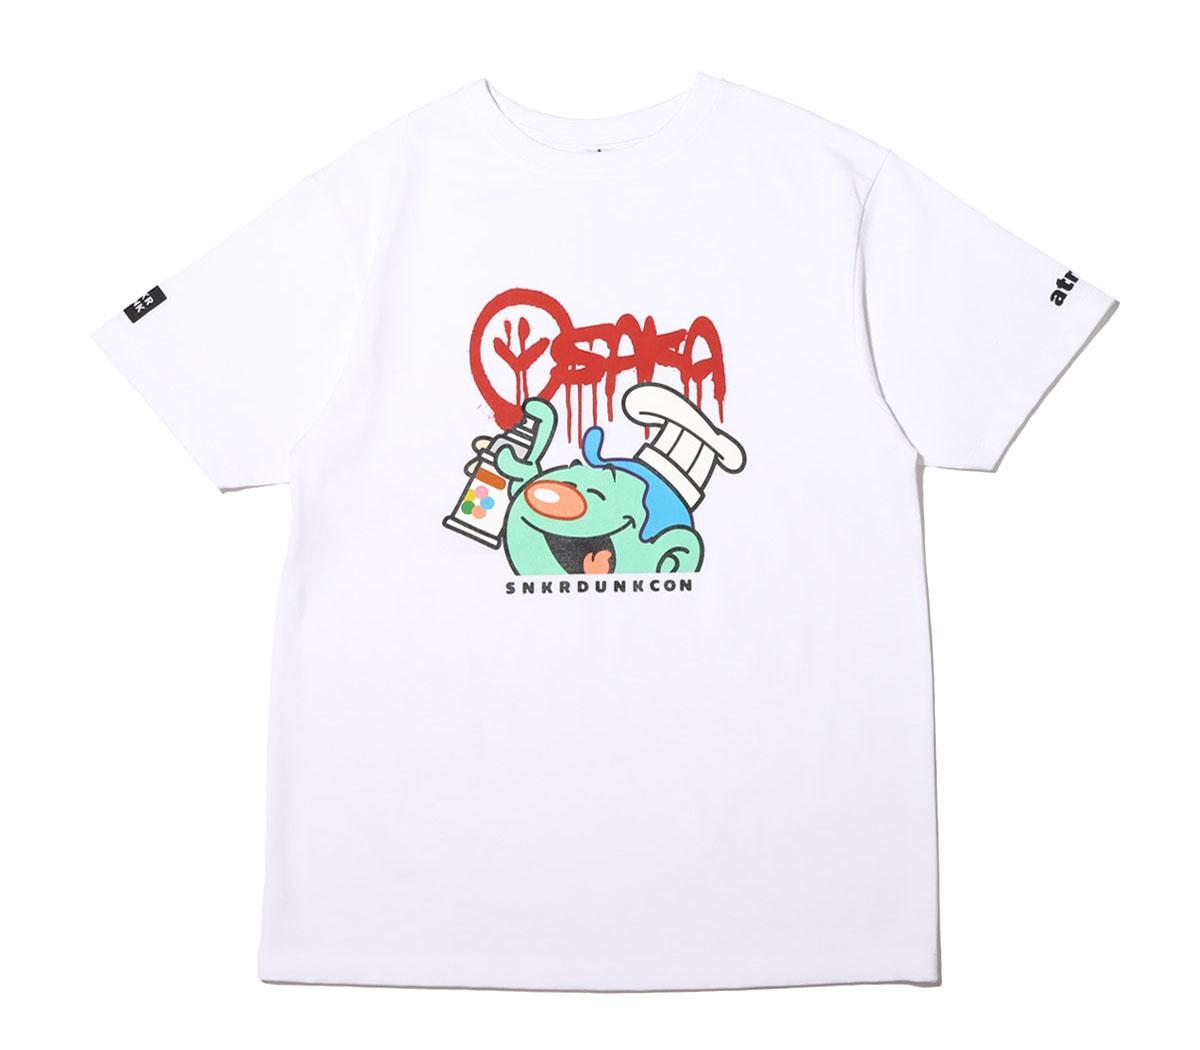 スニーカーダンク(スニダン)×COOK(クック)×atmos(アトモス) 大阪限定Tシャツ